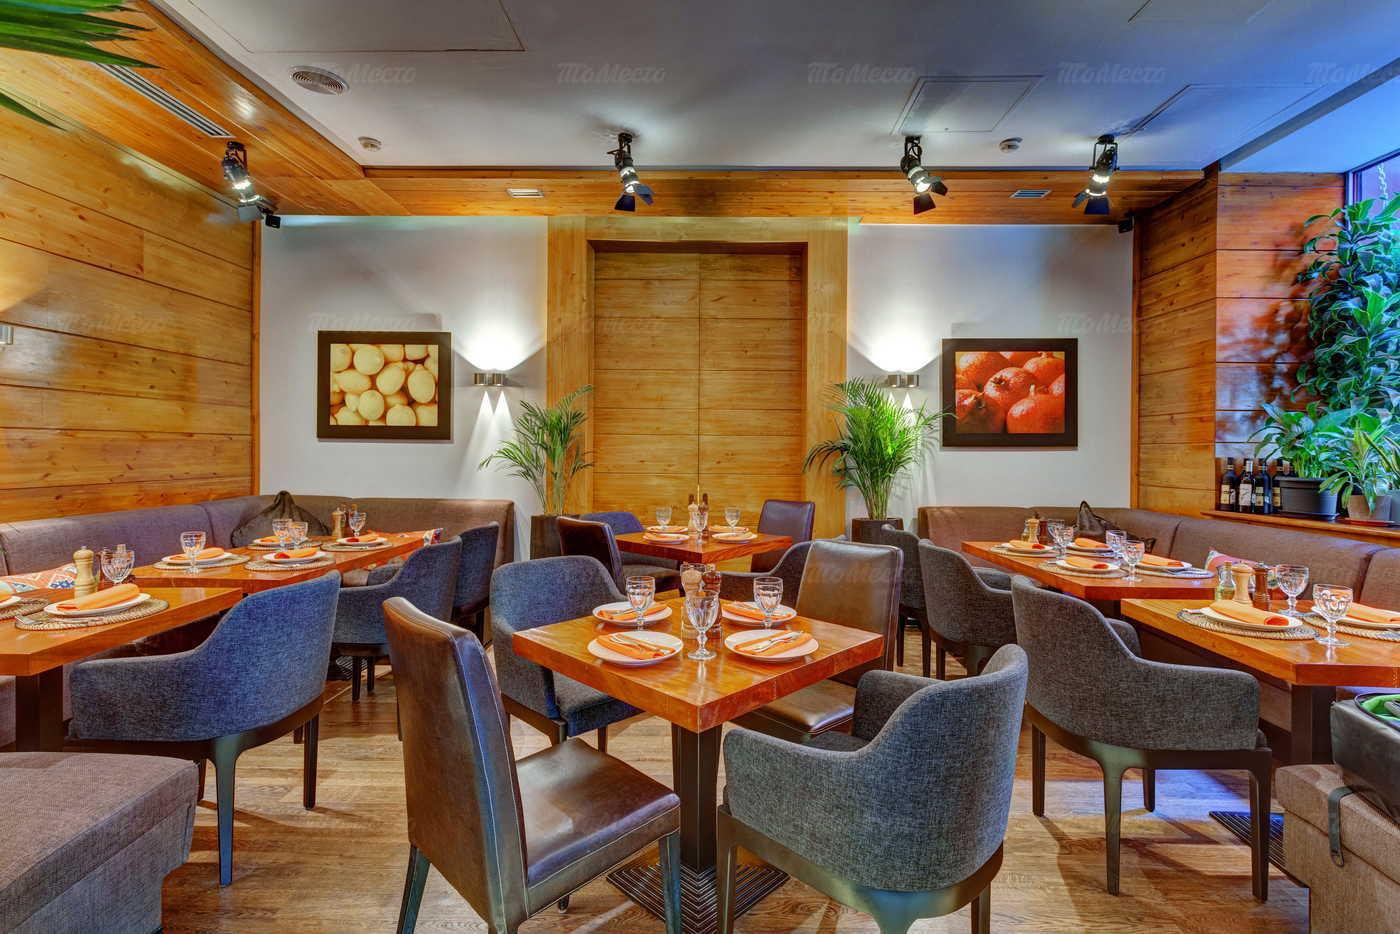 Ресторан Барашка (Бараshка) на Петровке фото 11